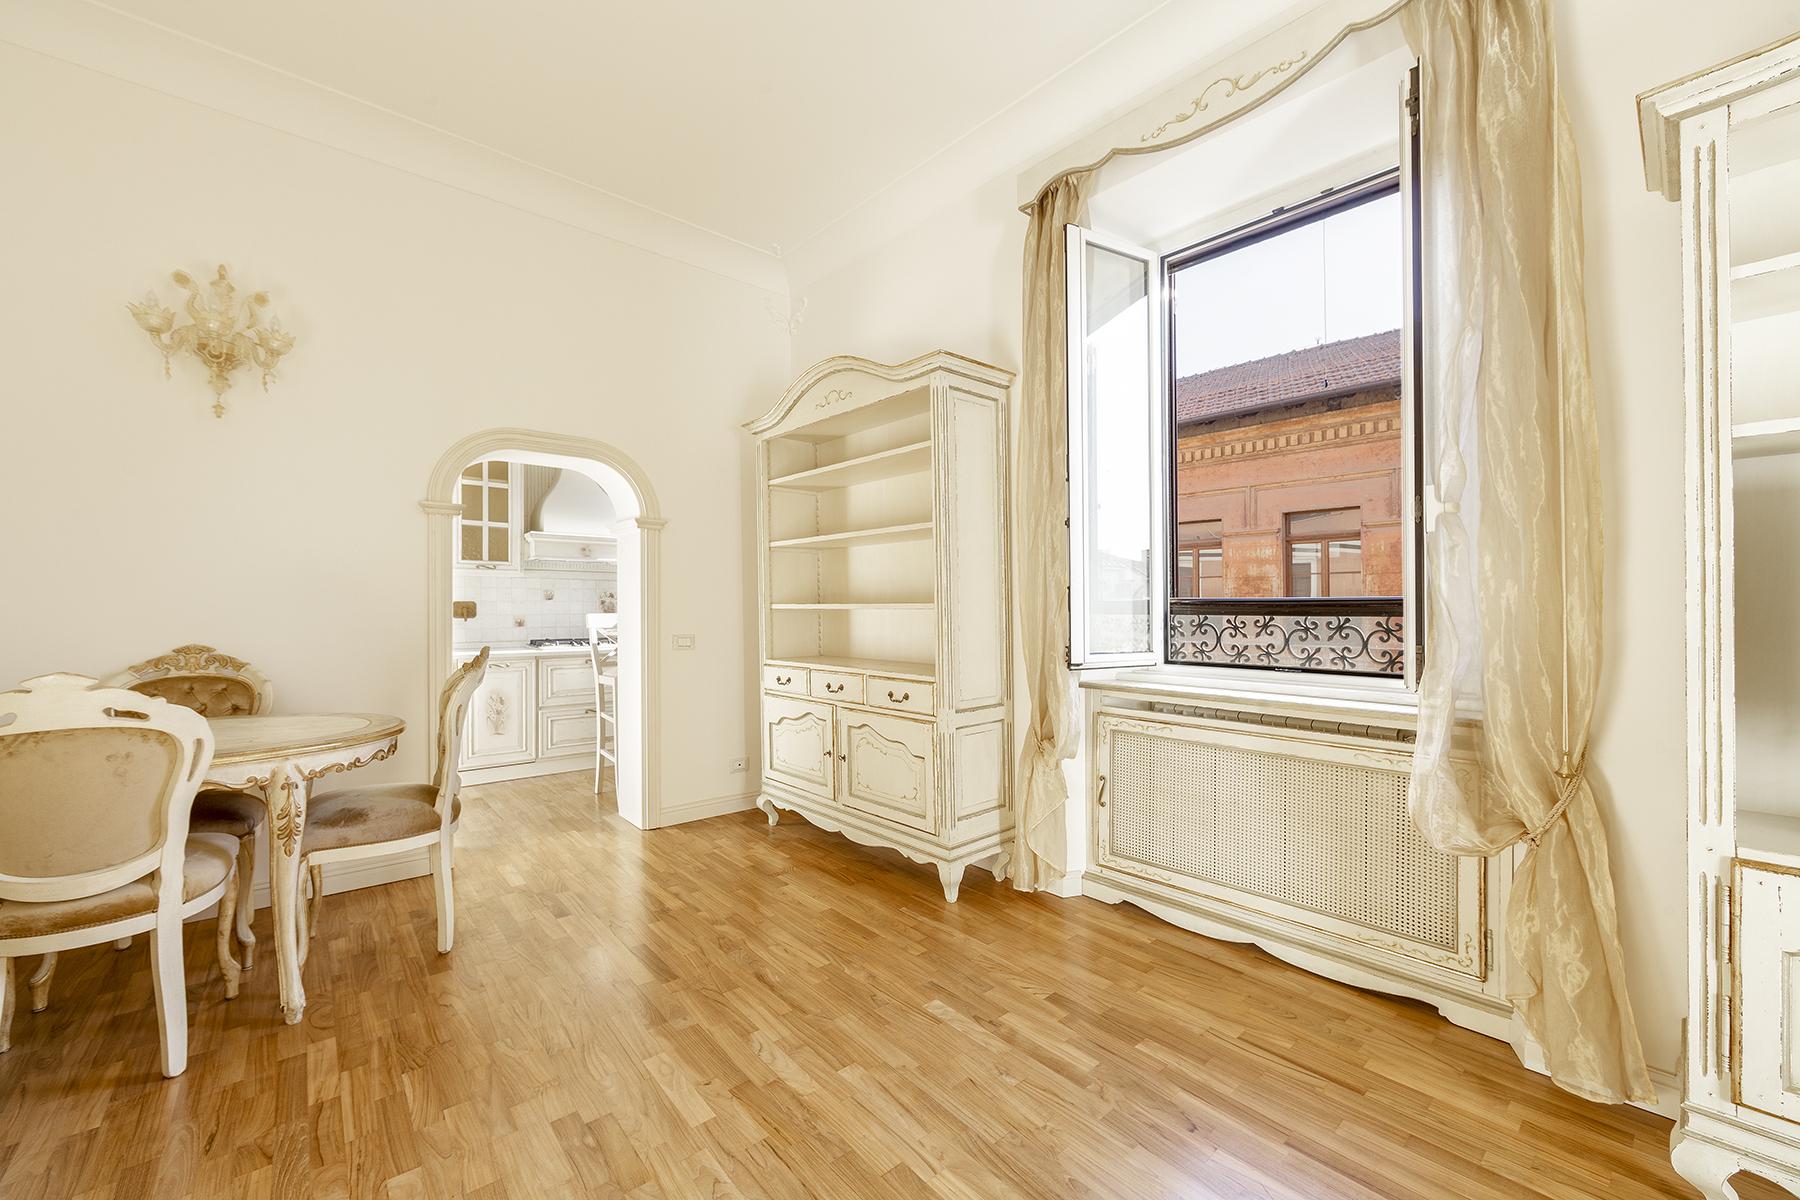 Appartamento di lusso in vendita a roma via dei salumi for Appartamento ufficio roma